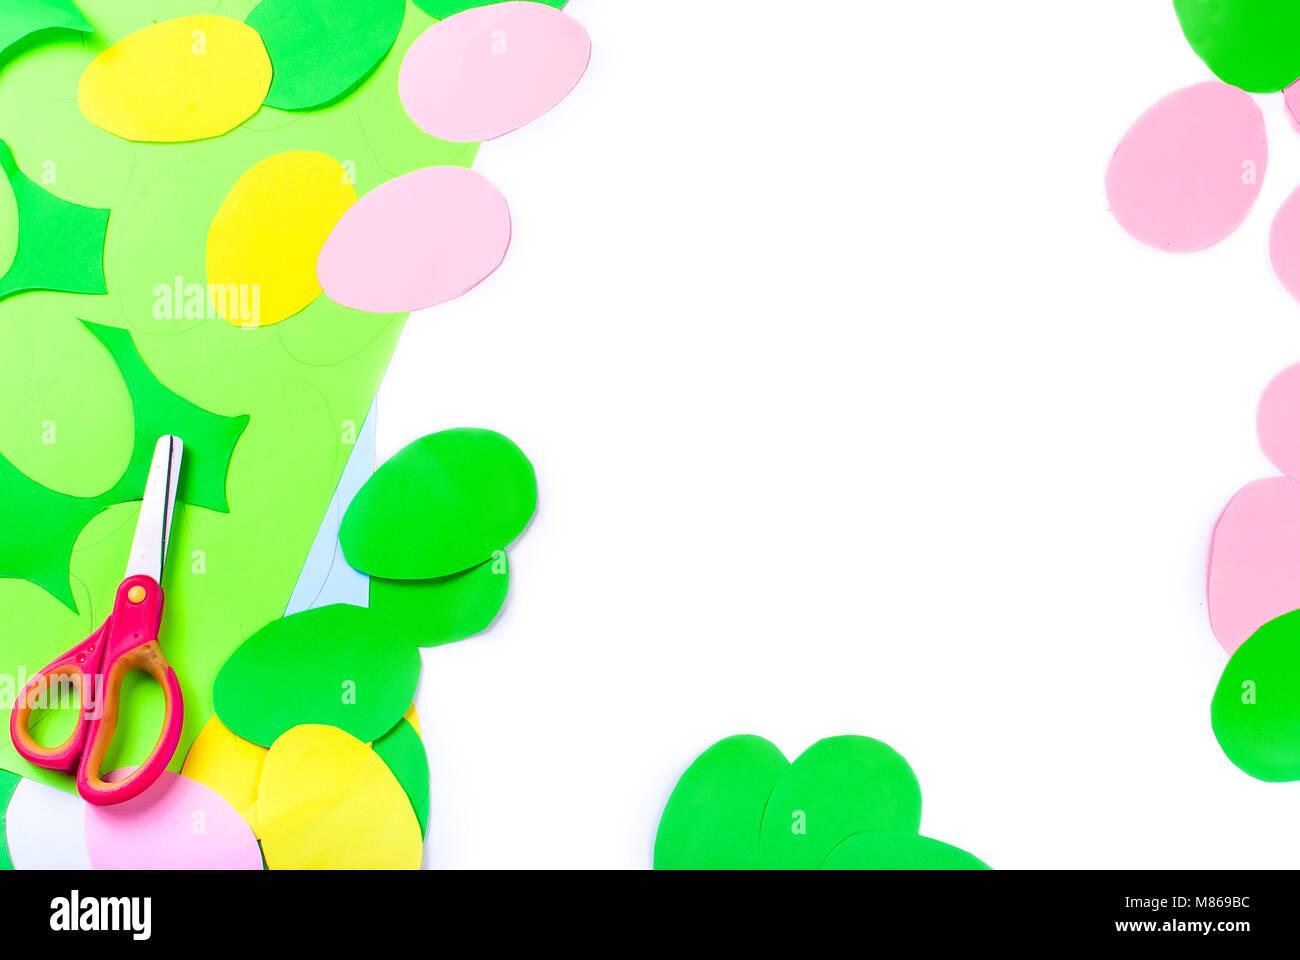 Eine Menge Papier Eier Von Verschiedenen Farben Schneiden